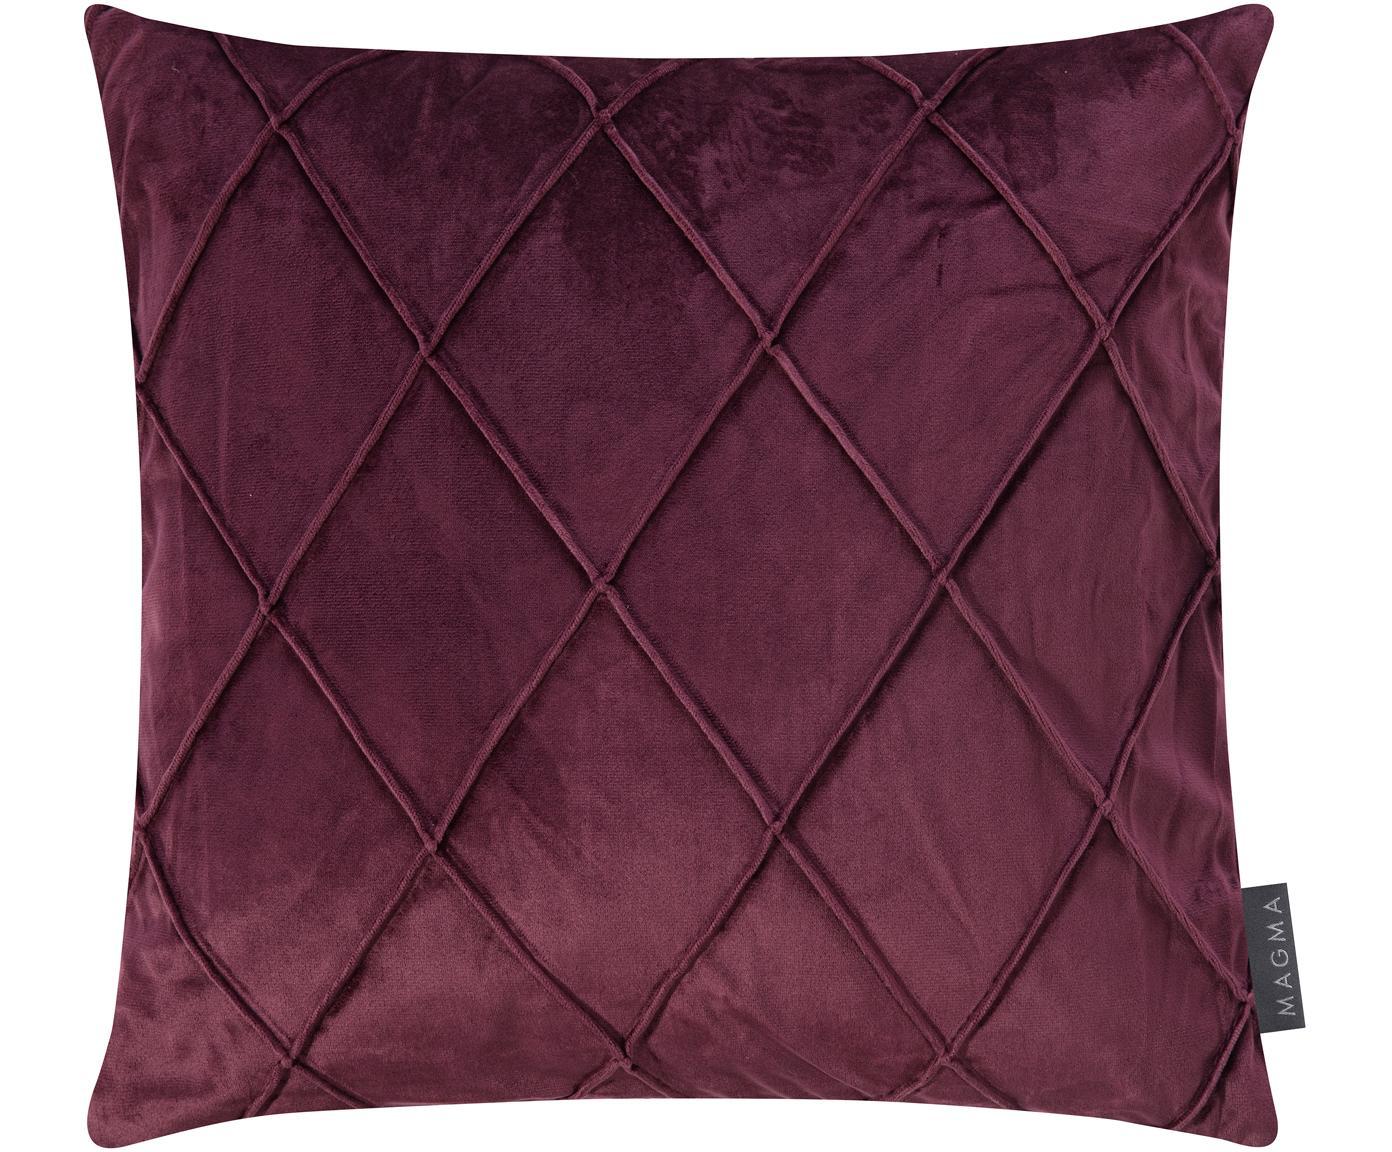 Sametový povlak na polštář s plastickým vzorem Nobless, Vínově červená